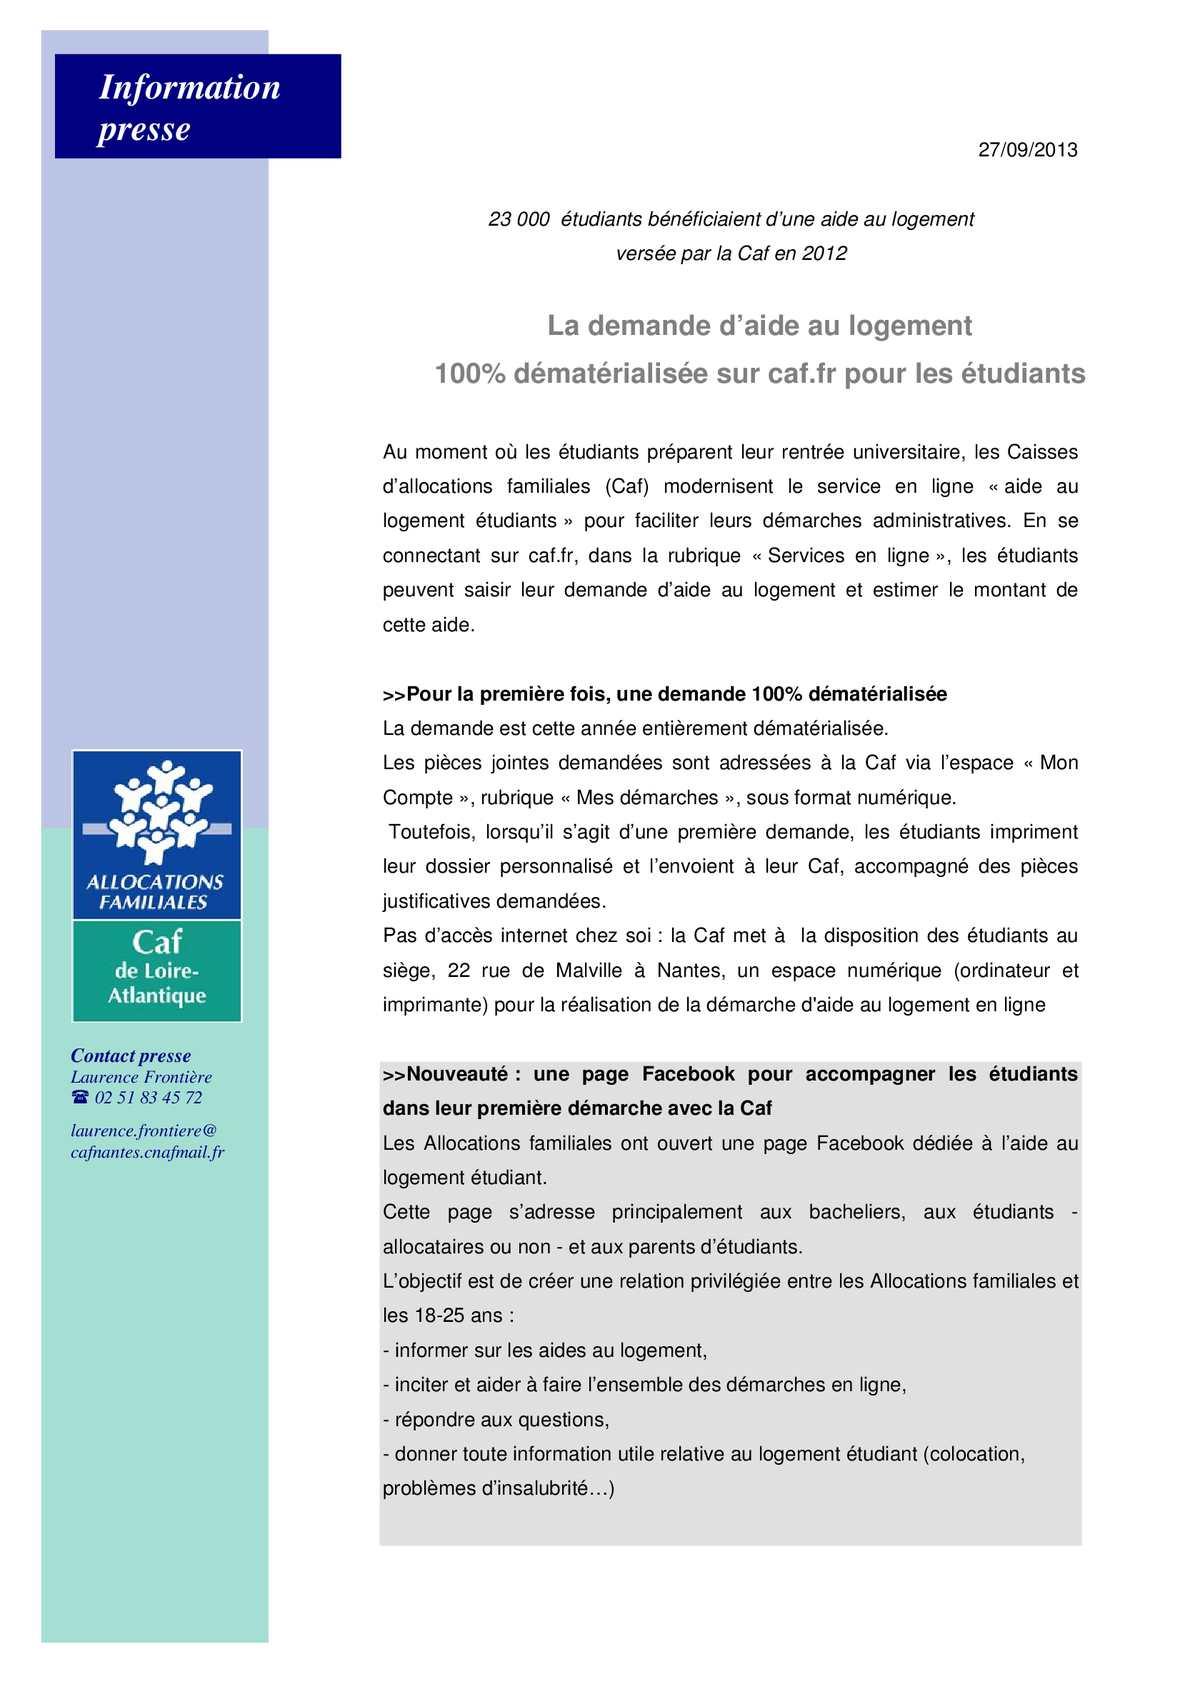 Calameo Une Demande D Aide Au Logement 100 Dematerialisee